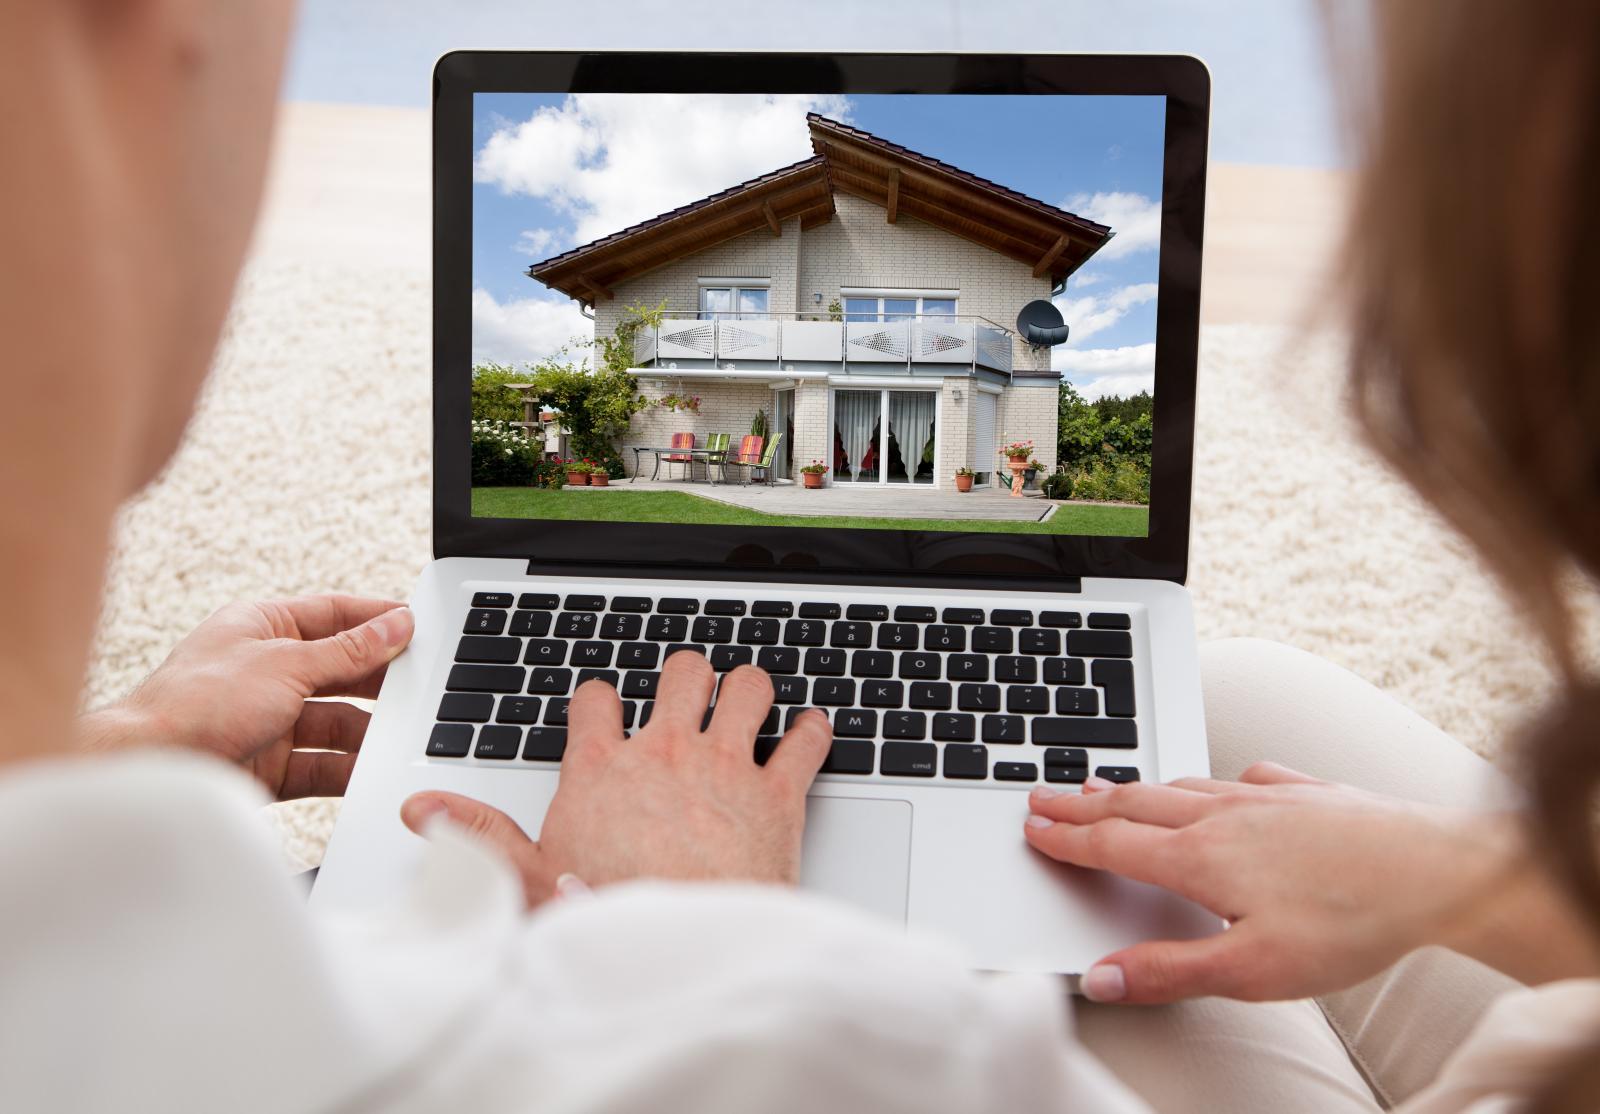 20200205141237 ad36 - 2021 - Kỷ nguyên giao dịch mua bán nhà đất trực tuyến